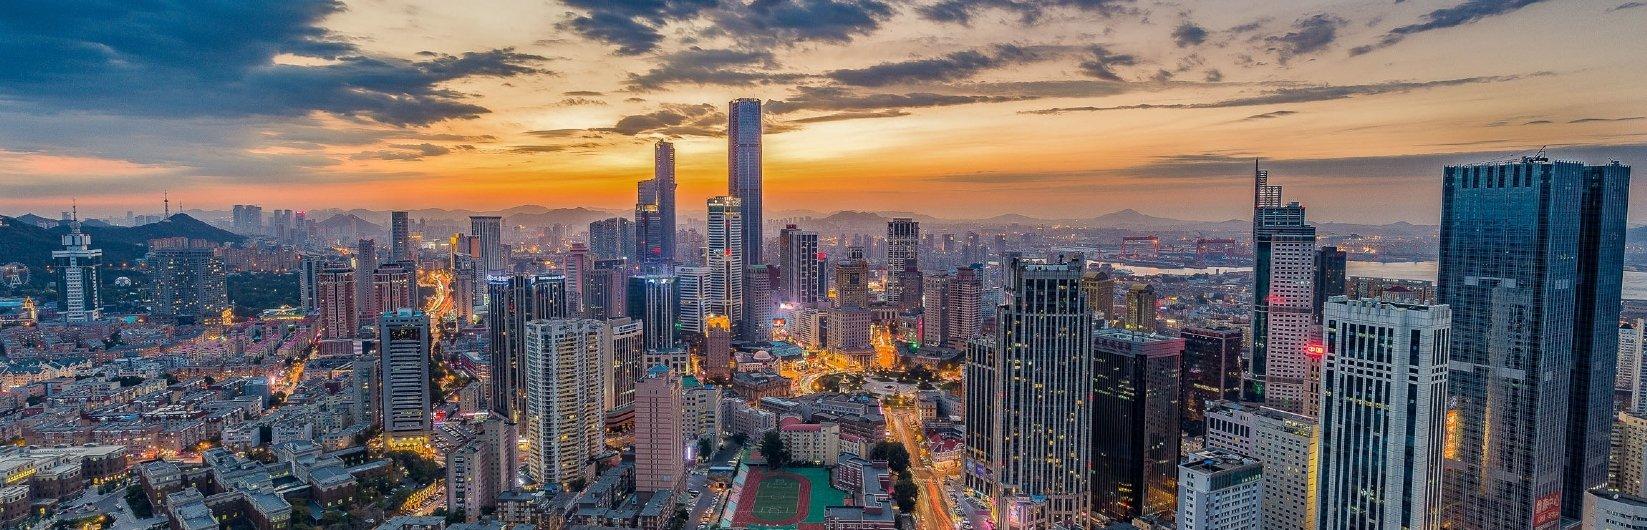 Хятадын Далиан хотод 100% тэтгэлэгтэй сурах хөтөлбөр